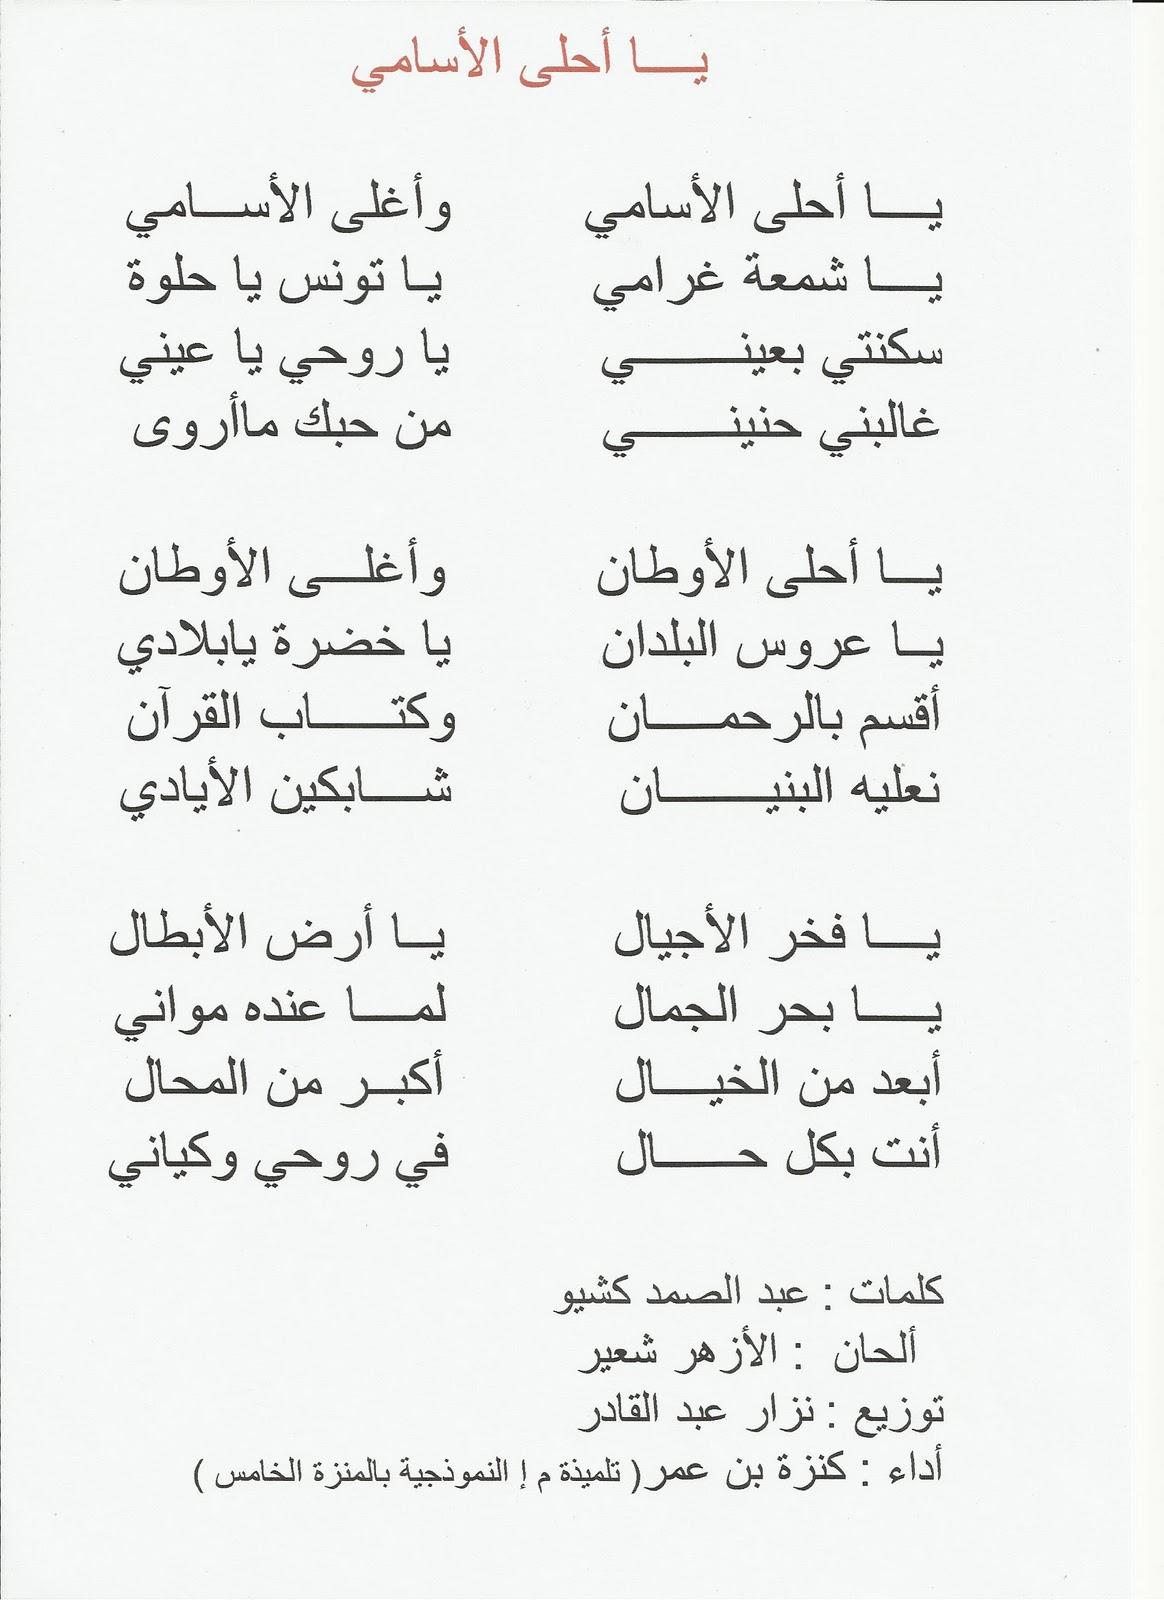 اغاني تونسية للاعراس مكتوبة